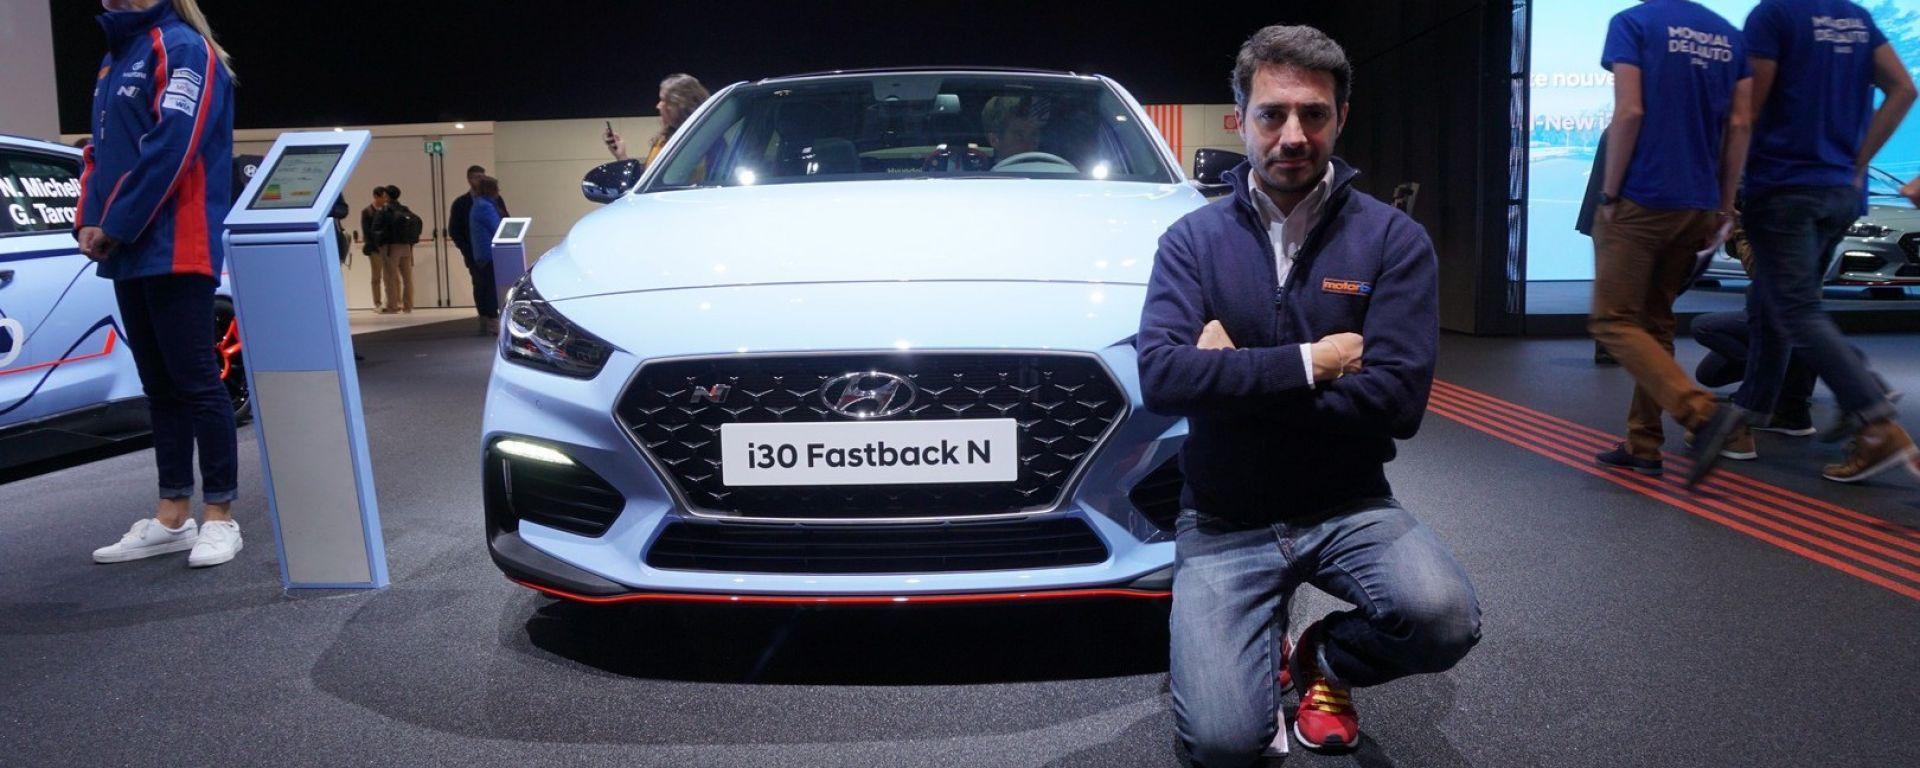 Hyundai i30 N Fastback: in video dal Salone di Parigi 2018